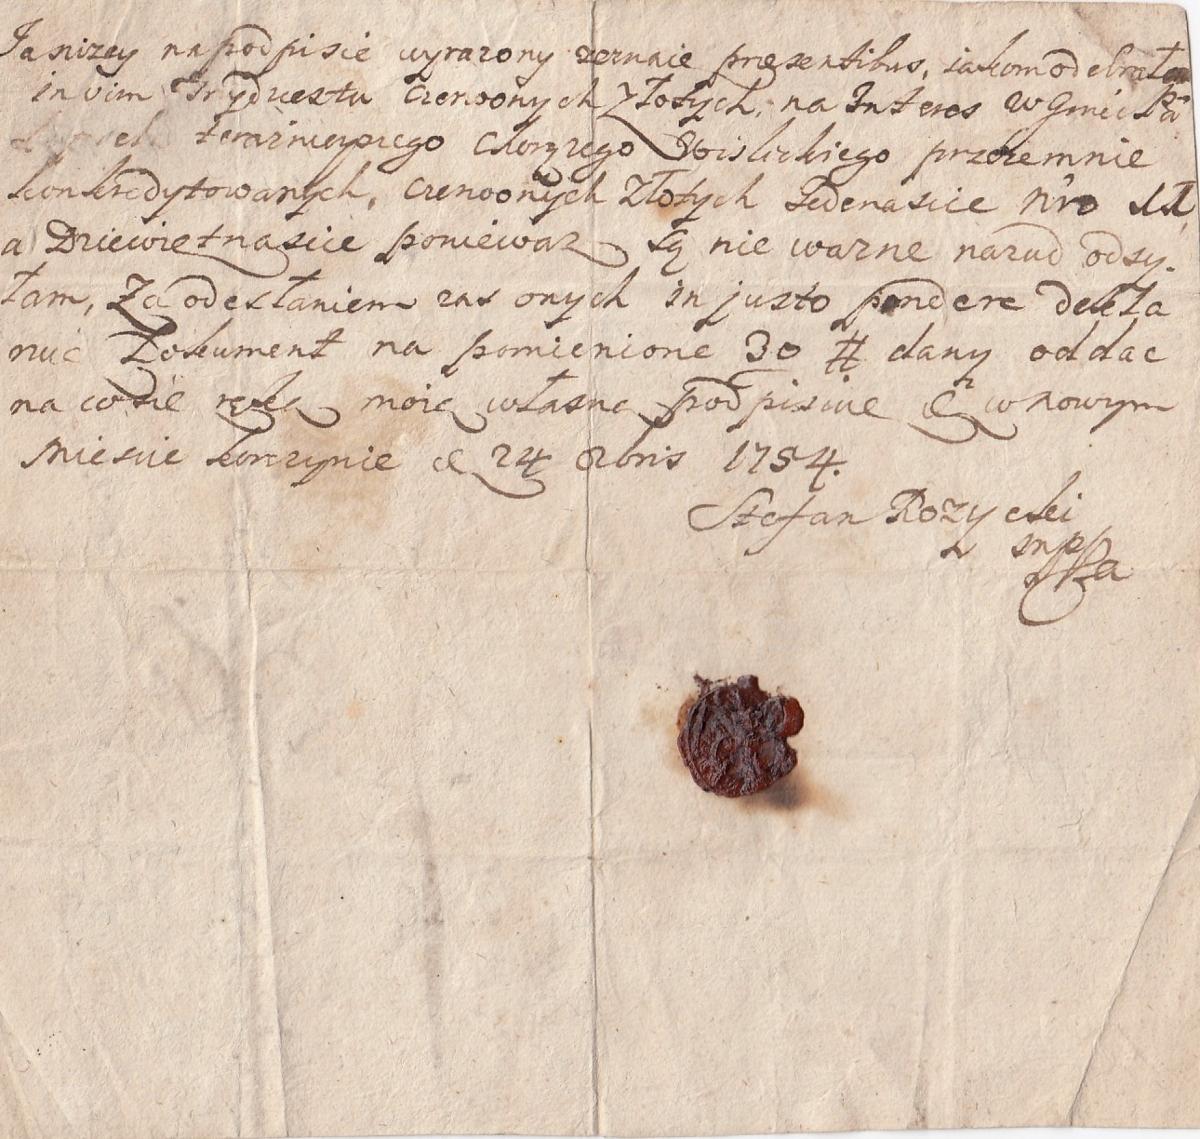 1754 finanse Różycki pieczeć lakowa czerwone zł